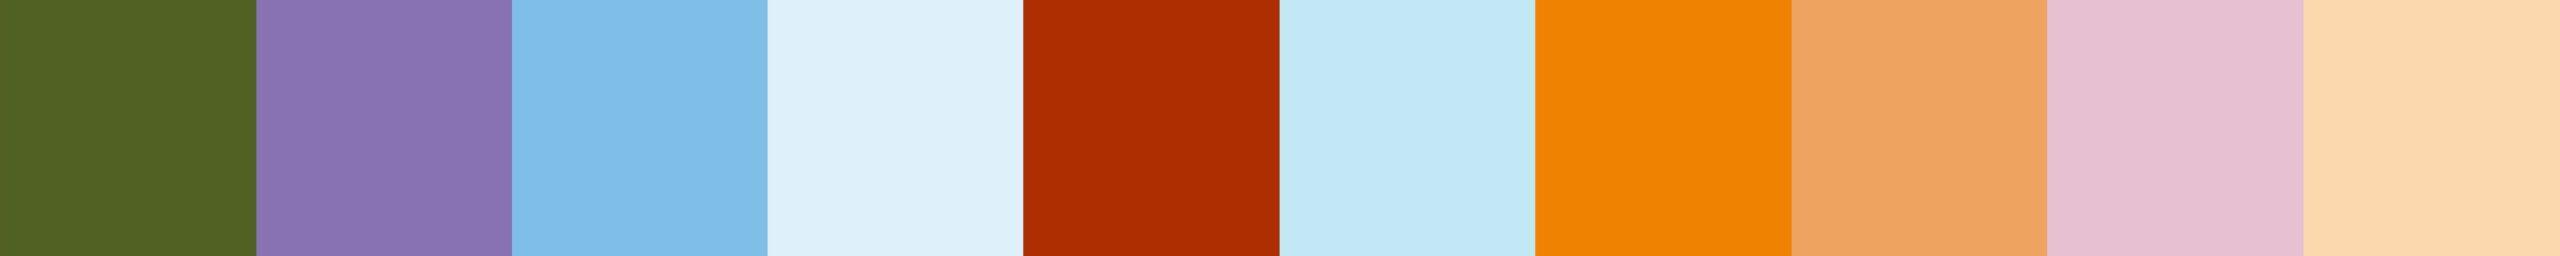 799 Nabina Color Palette